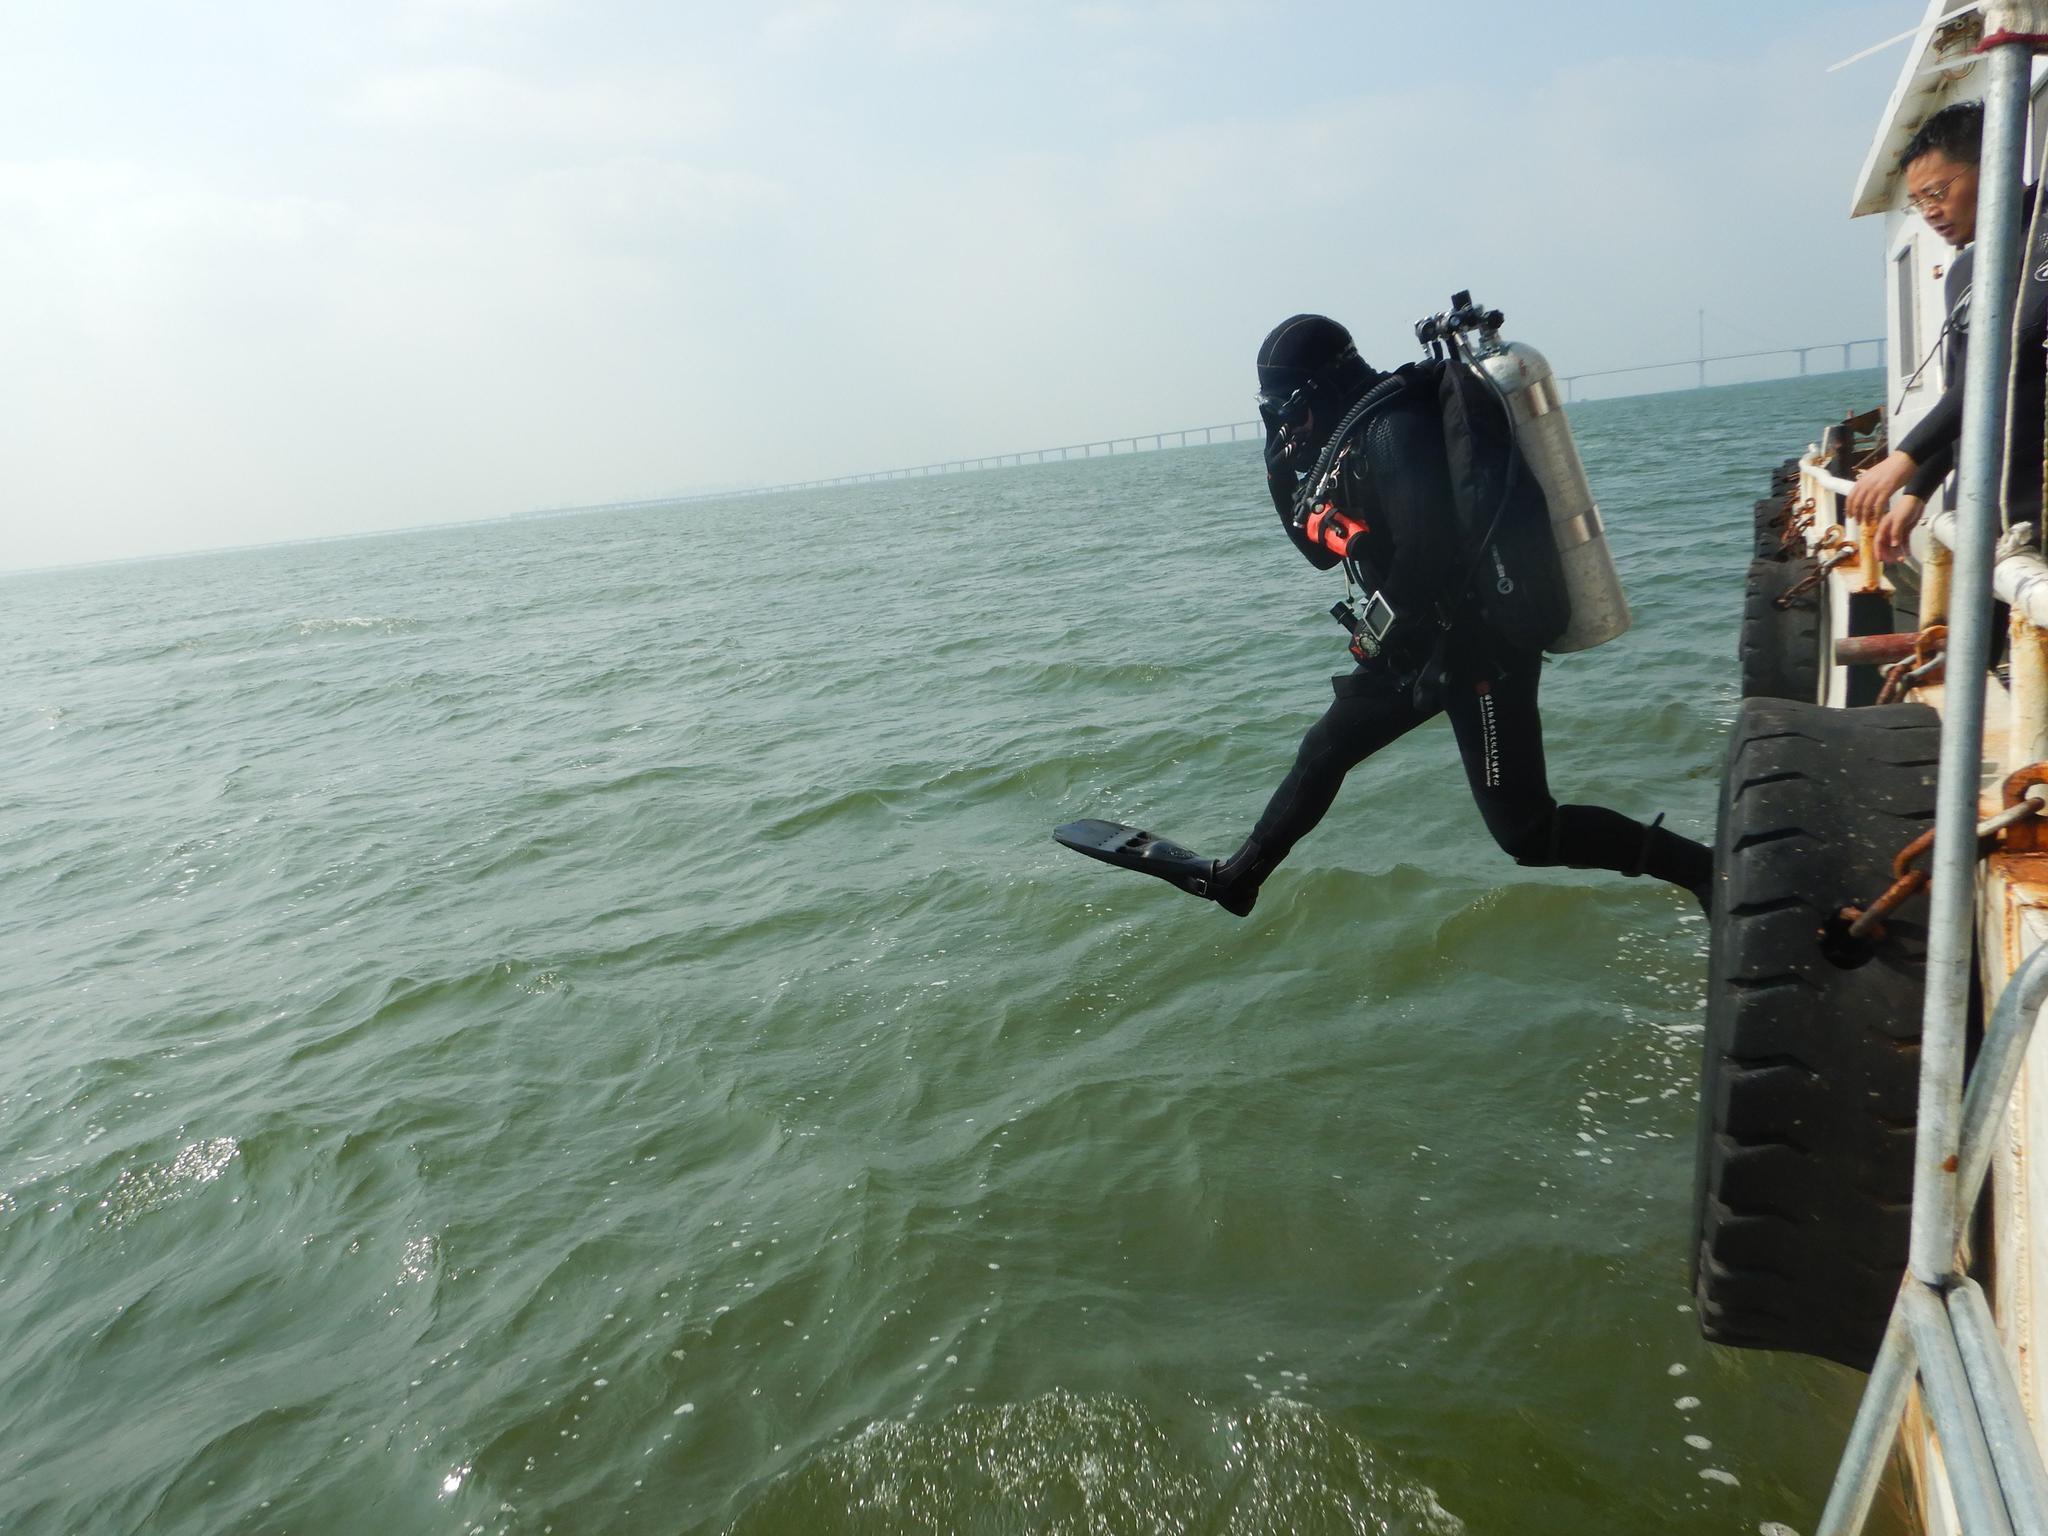 胶州湾外围海域确认1处一战沉船遗址,出水文物已保护处理图片